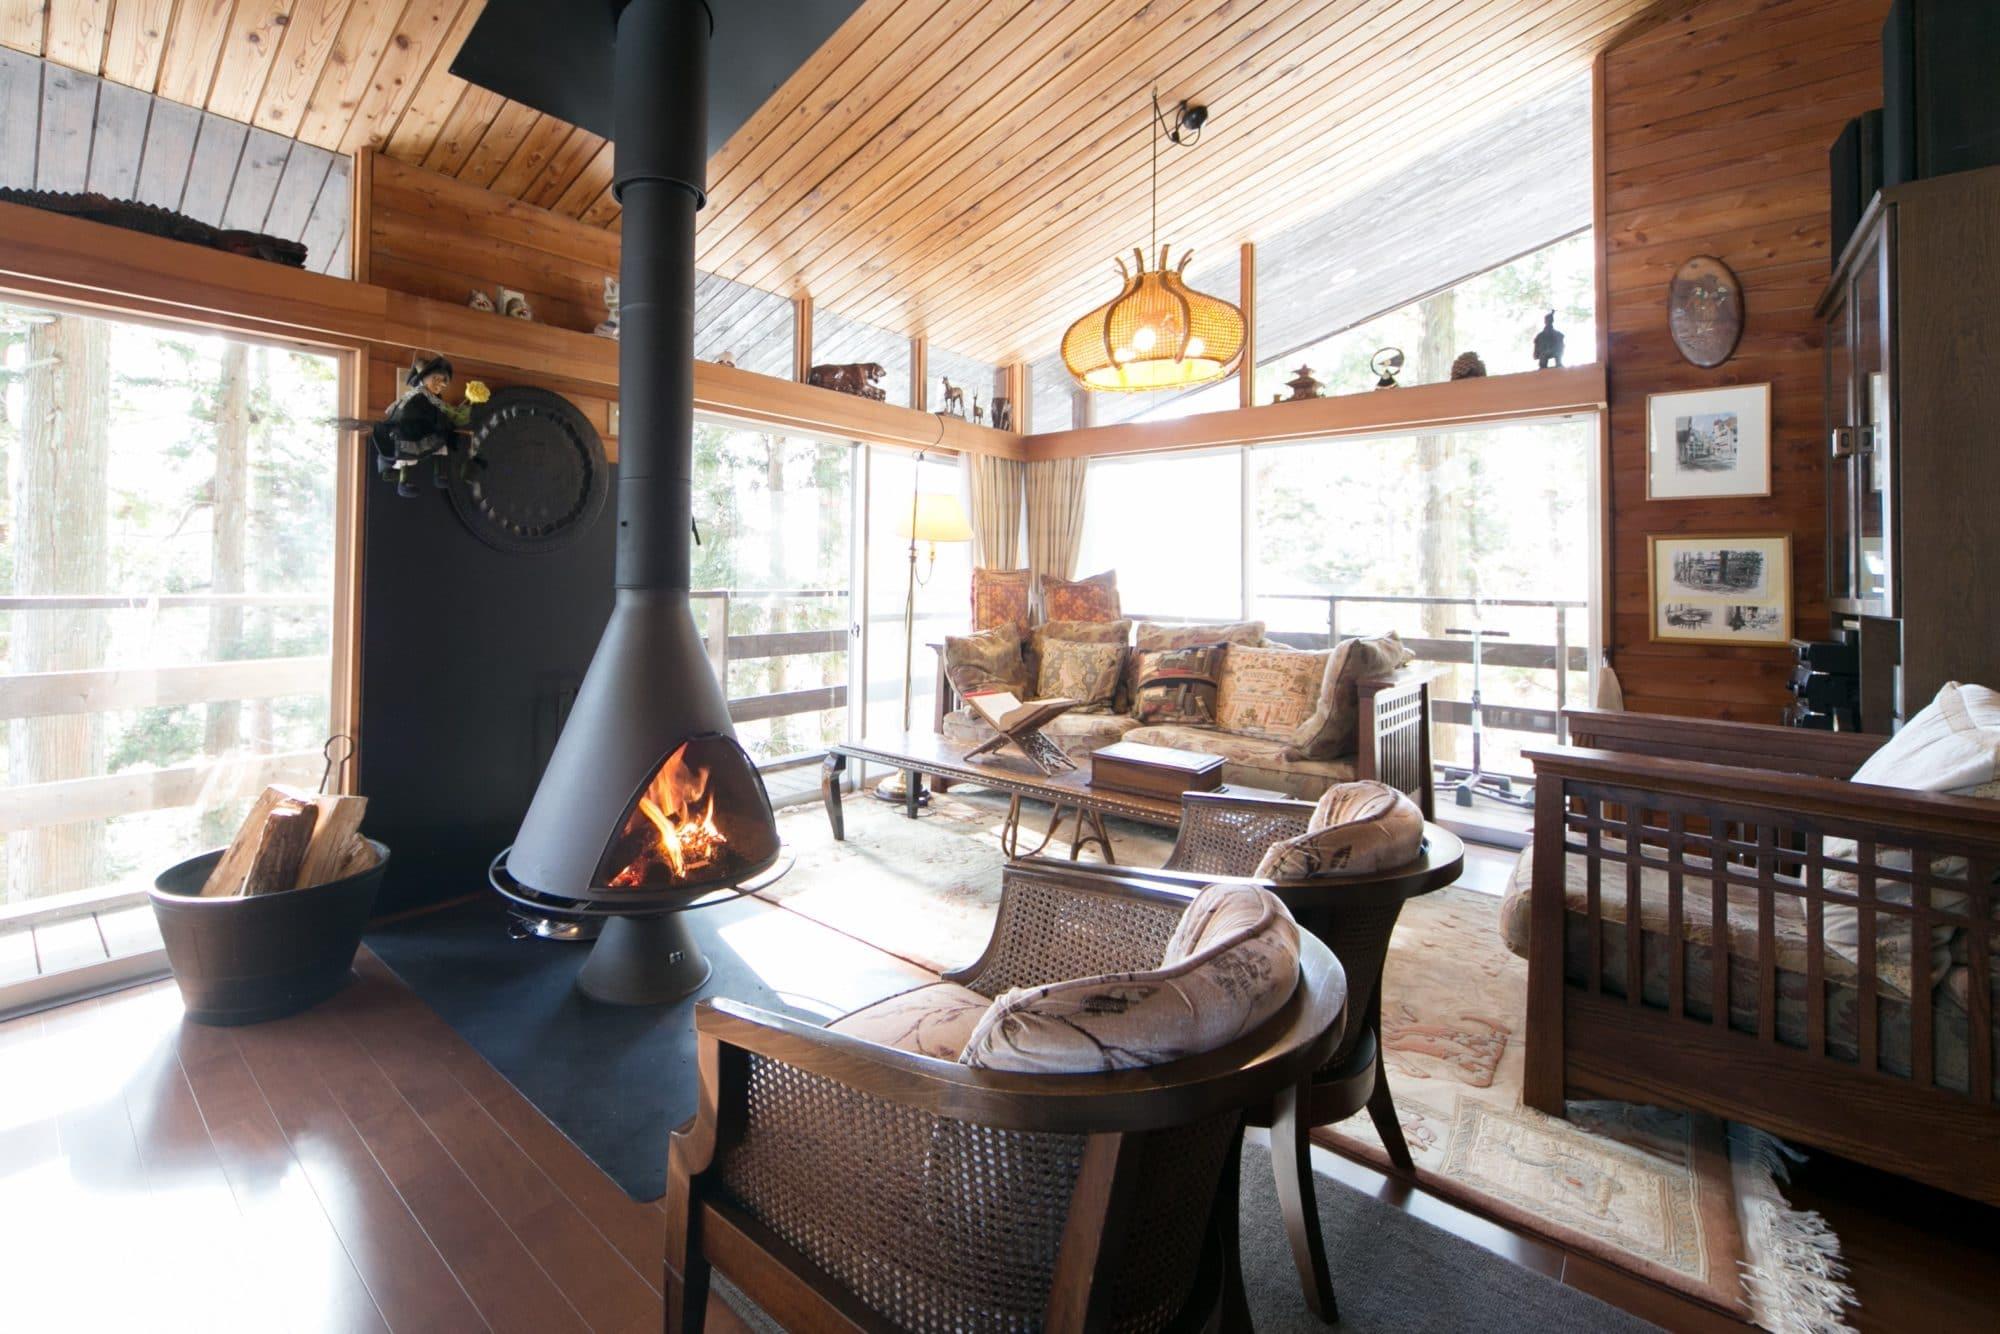 軽井沢の寒さも暖房器具と《psヒータ》の併用で小さい部屋も暖かく快適に